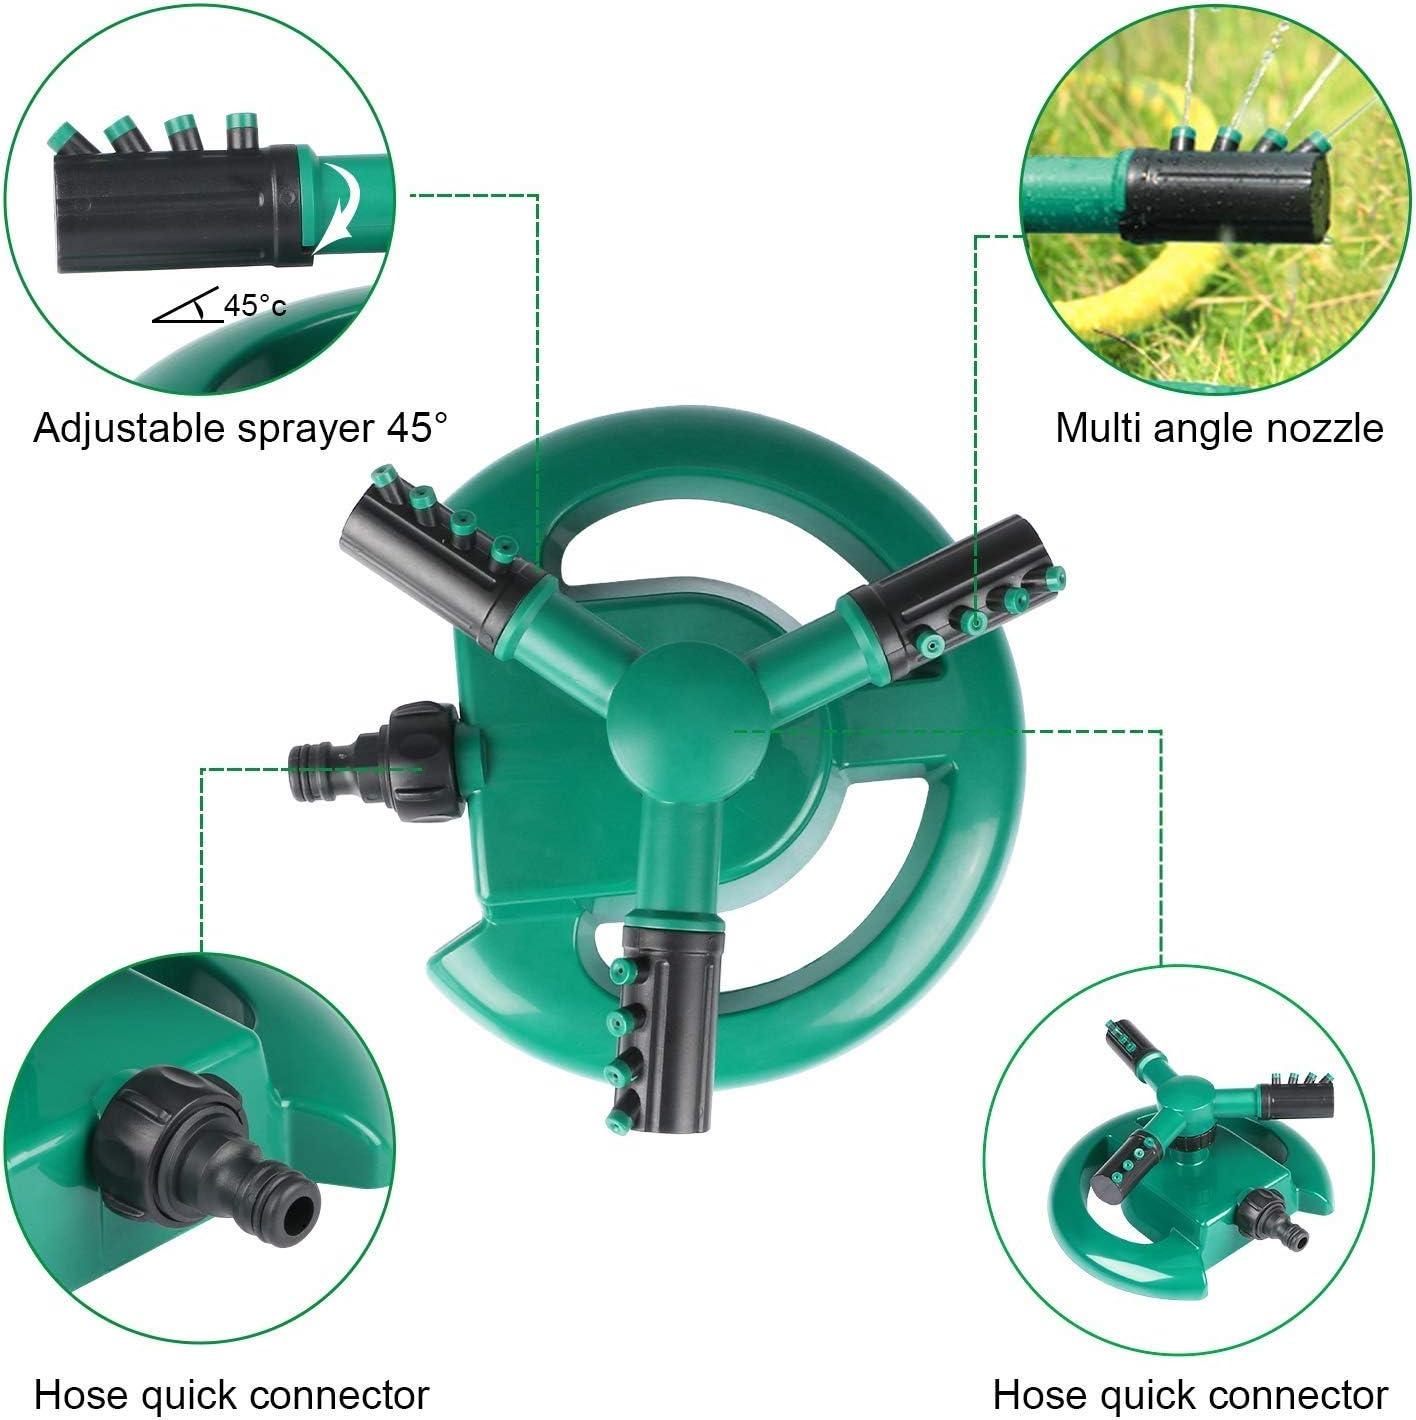 Lecxin Bew/ässerungssprinkler 360 /° drehbarer Rasensprinkler Gartenwassersprayer Bew/ässerungswerkzeug Gartenschlauchzubeh/ör Gartensprinkler